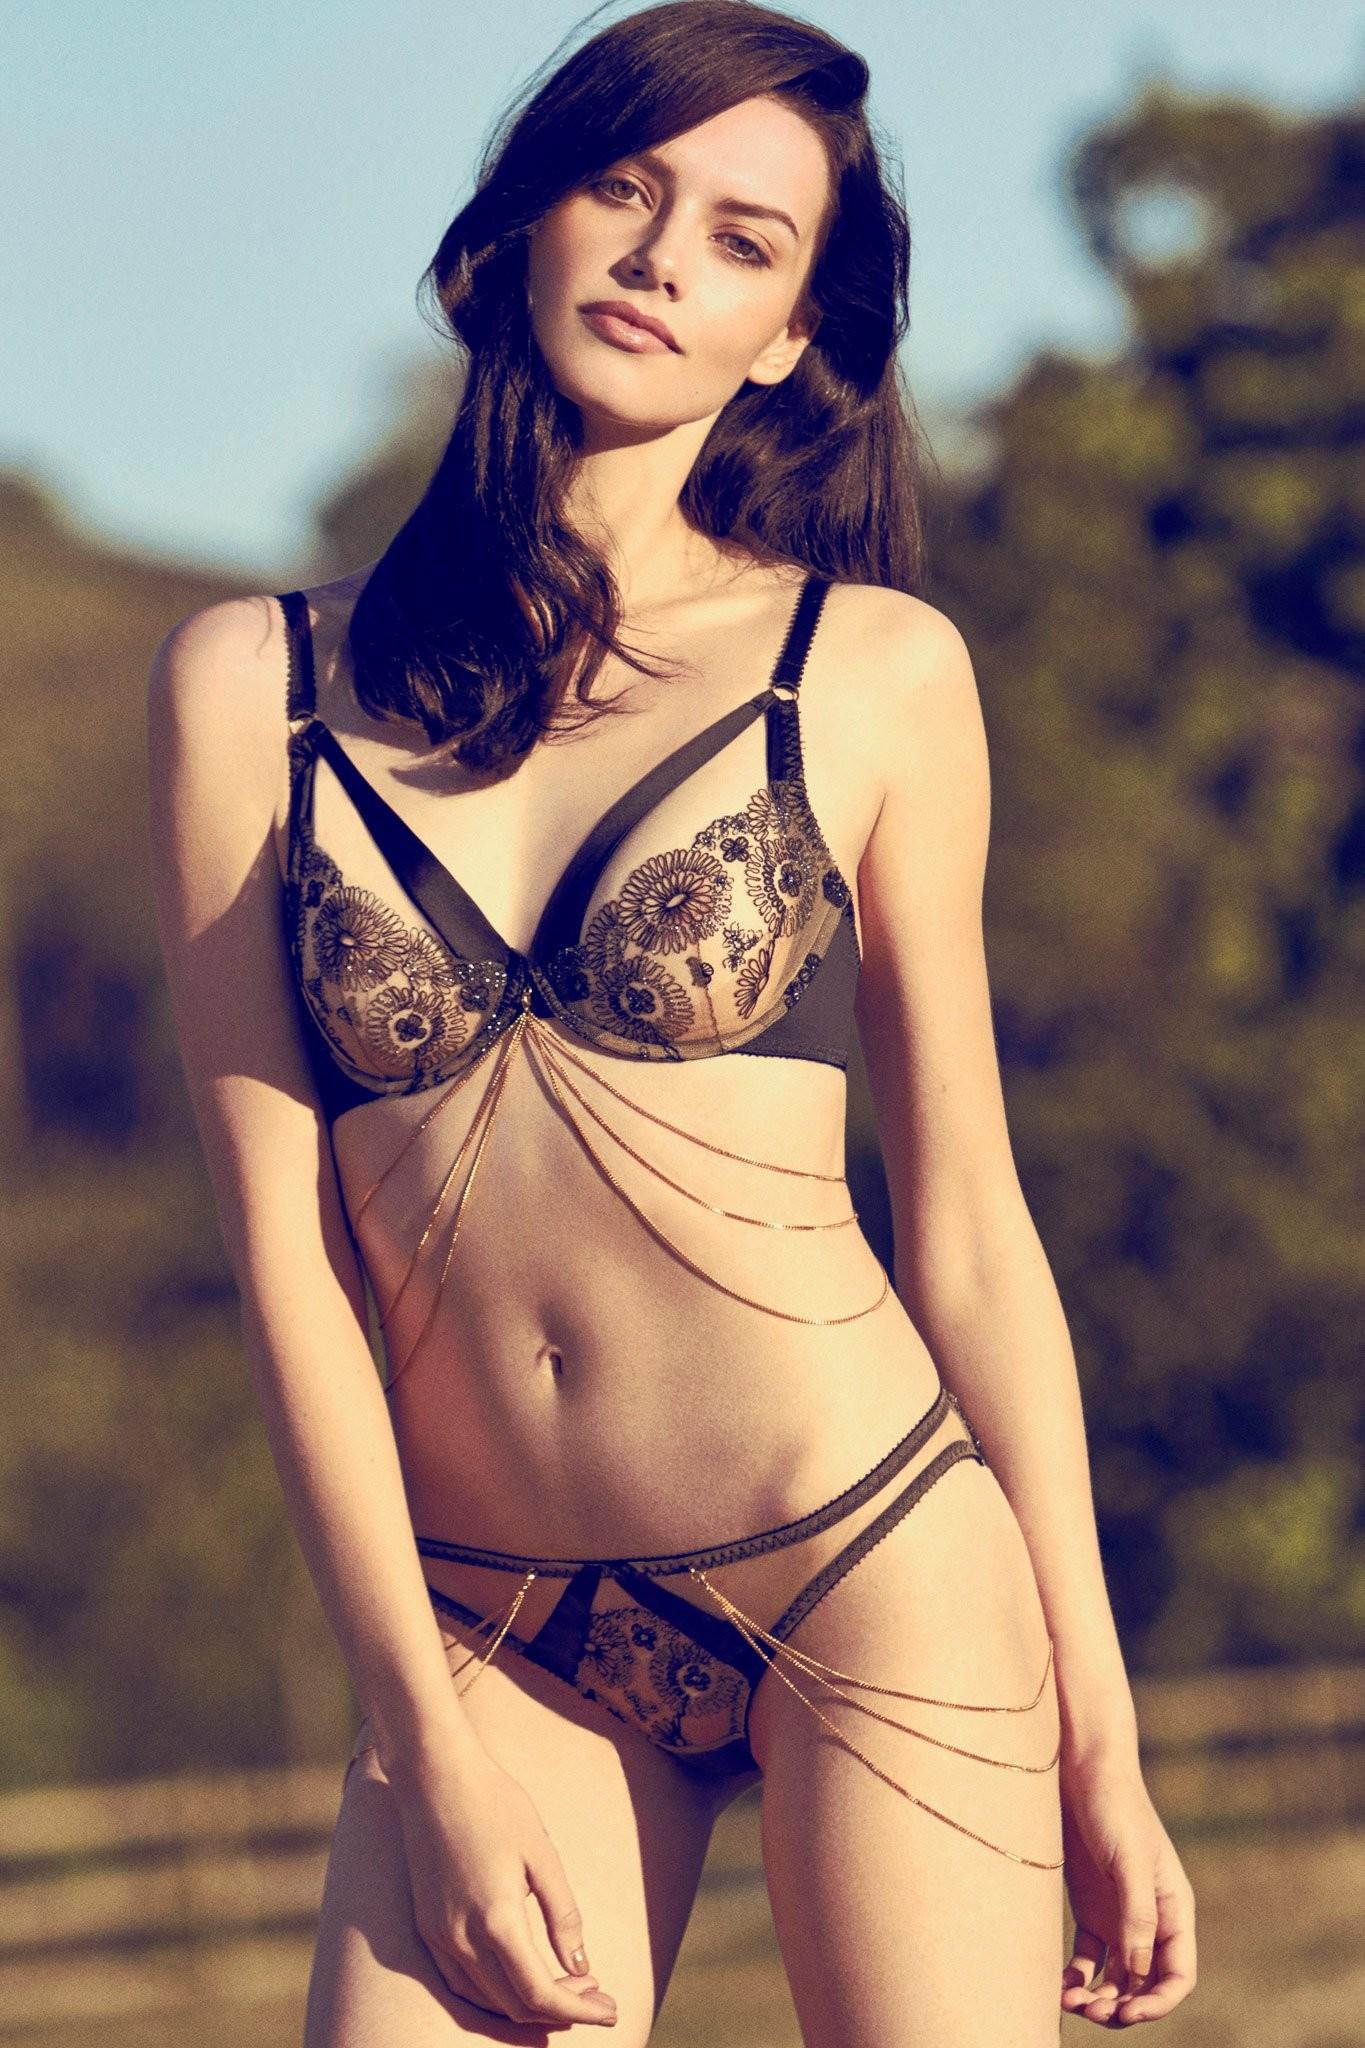 Jasmine Dwyer